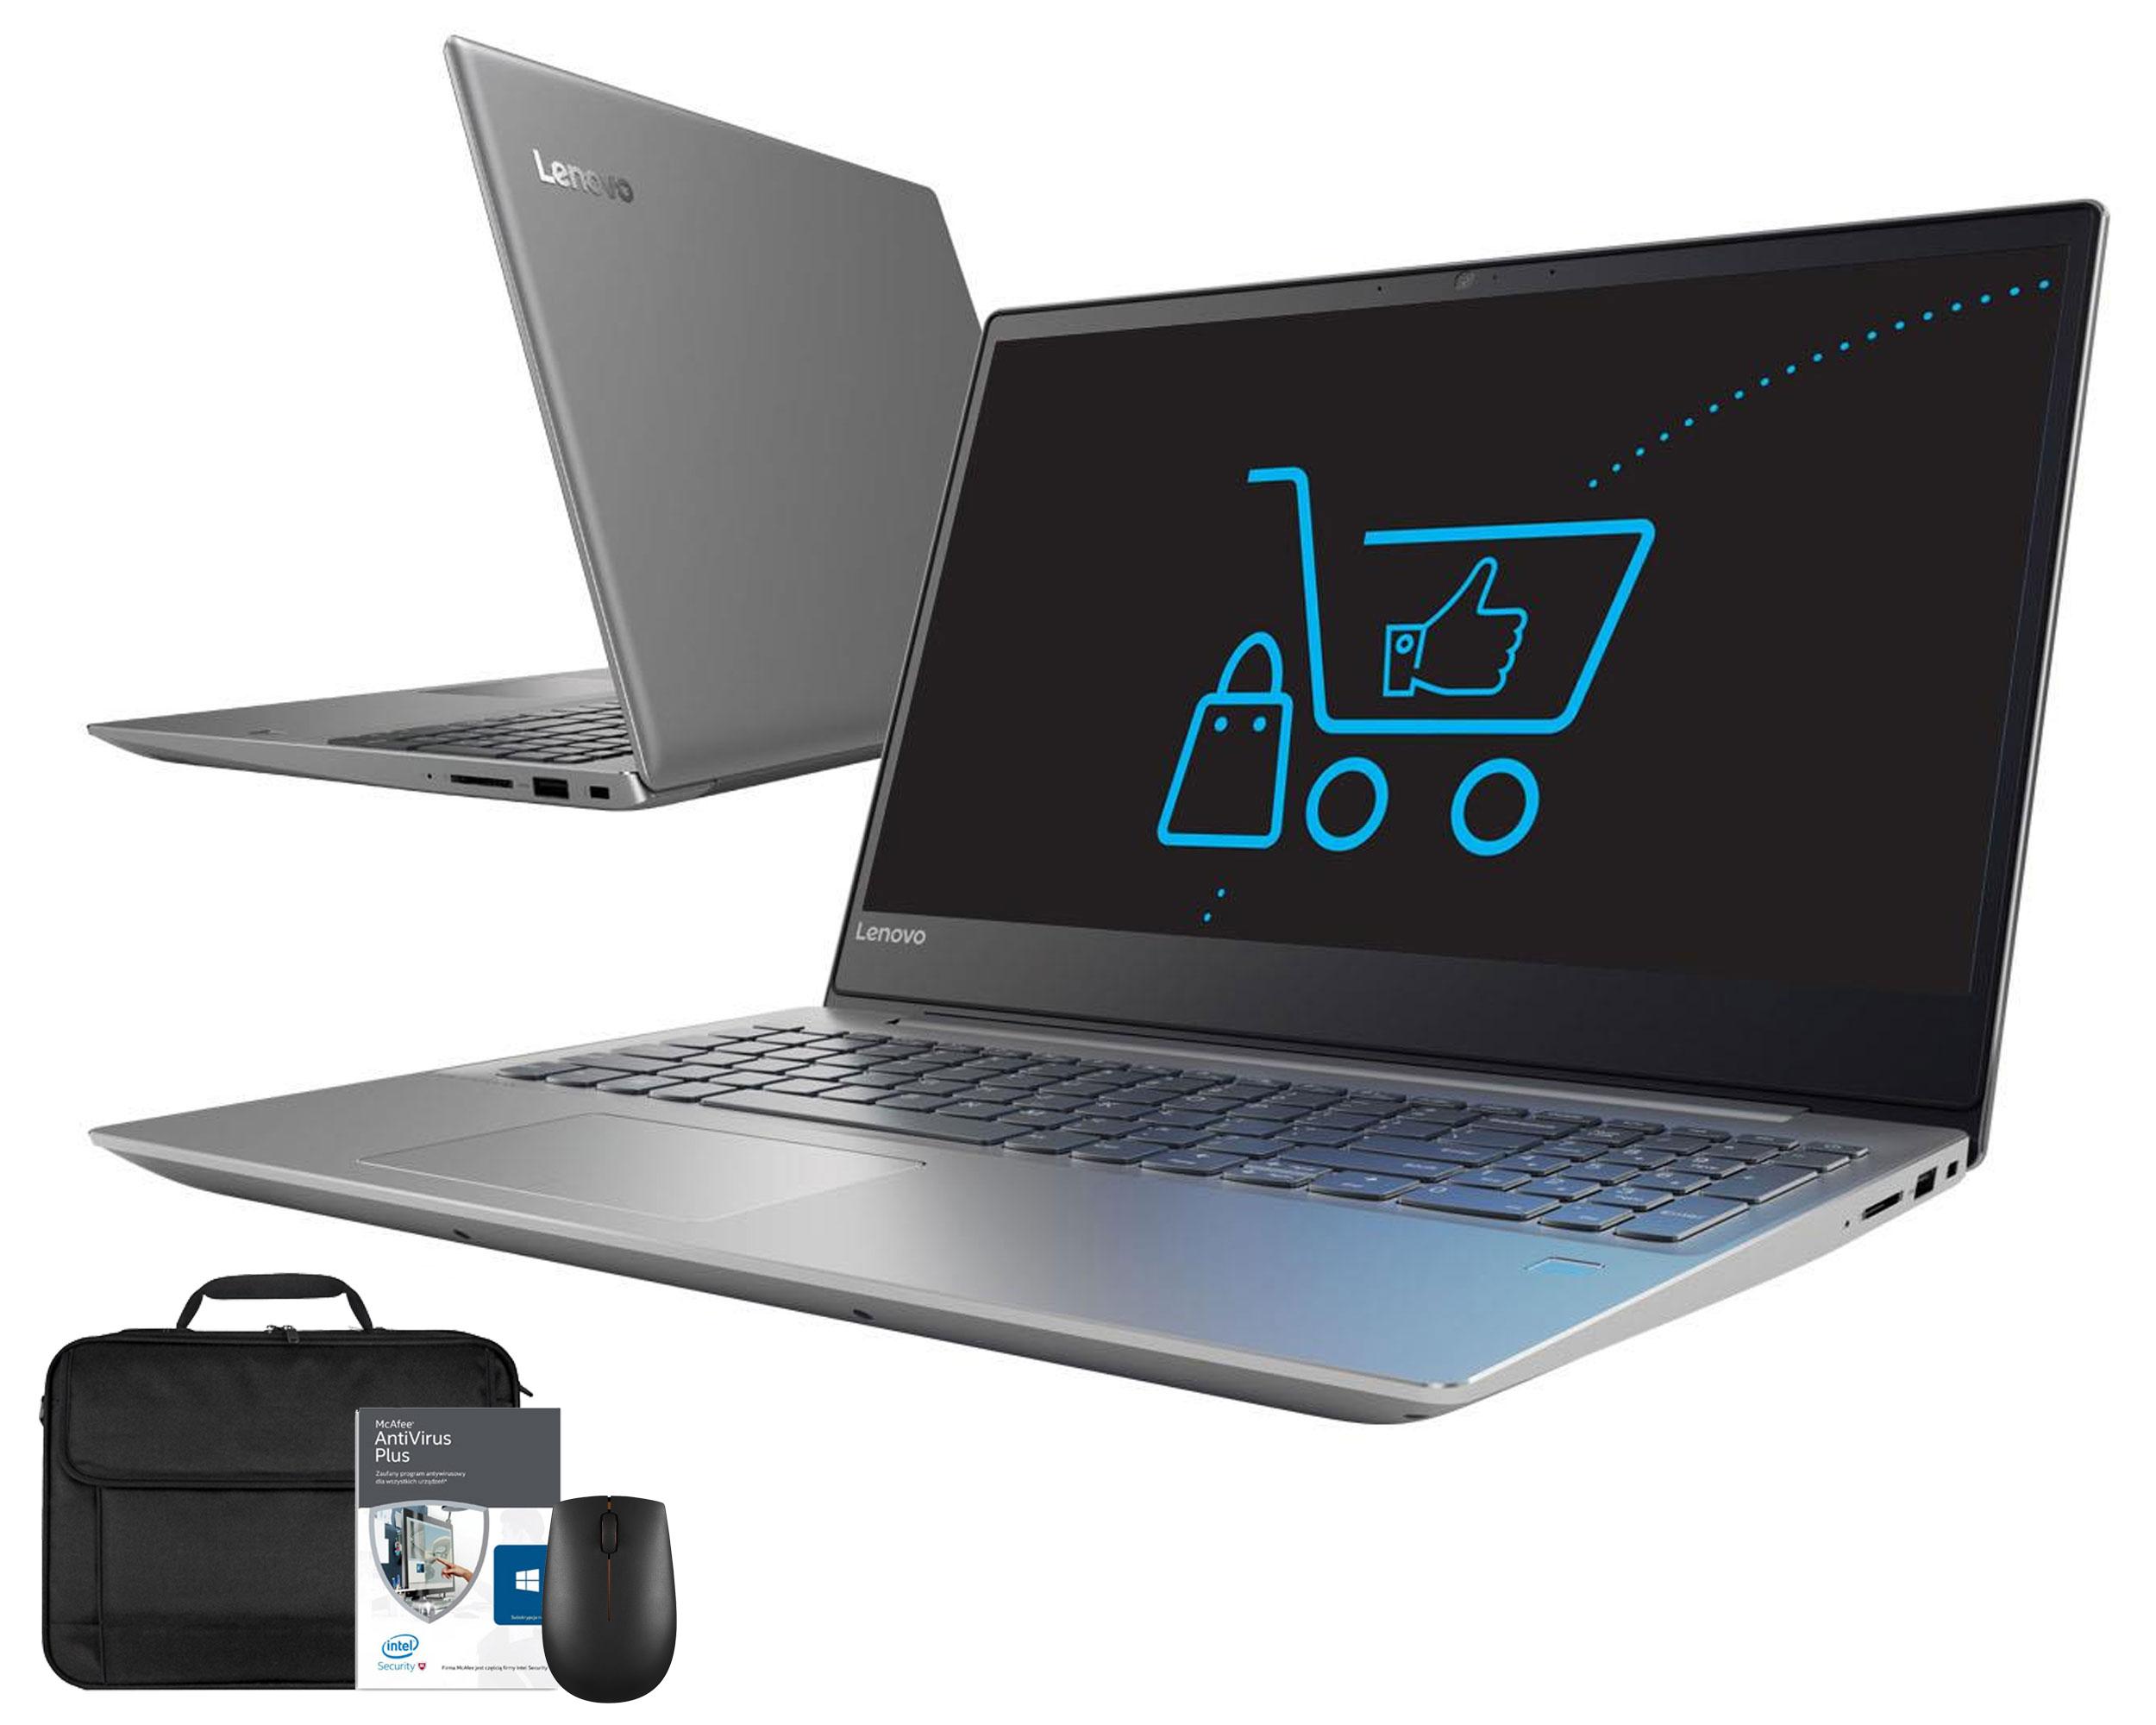 Lenovo Ideapad 720 i5 8250U 8GB 1TB RX560M MAT IPS